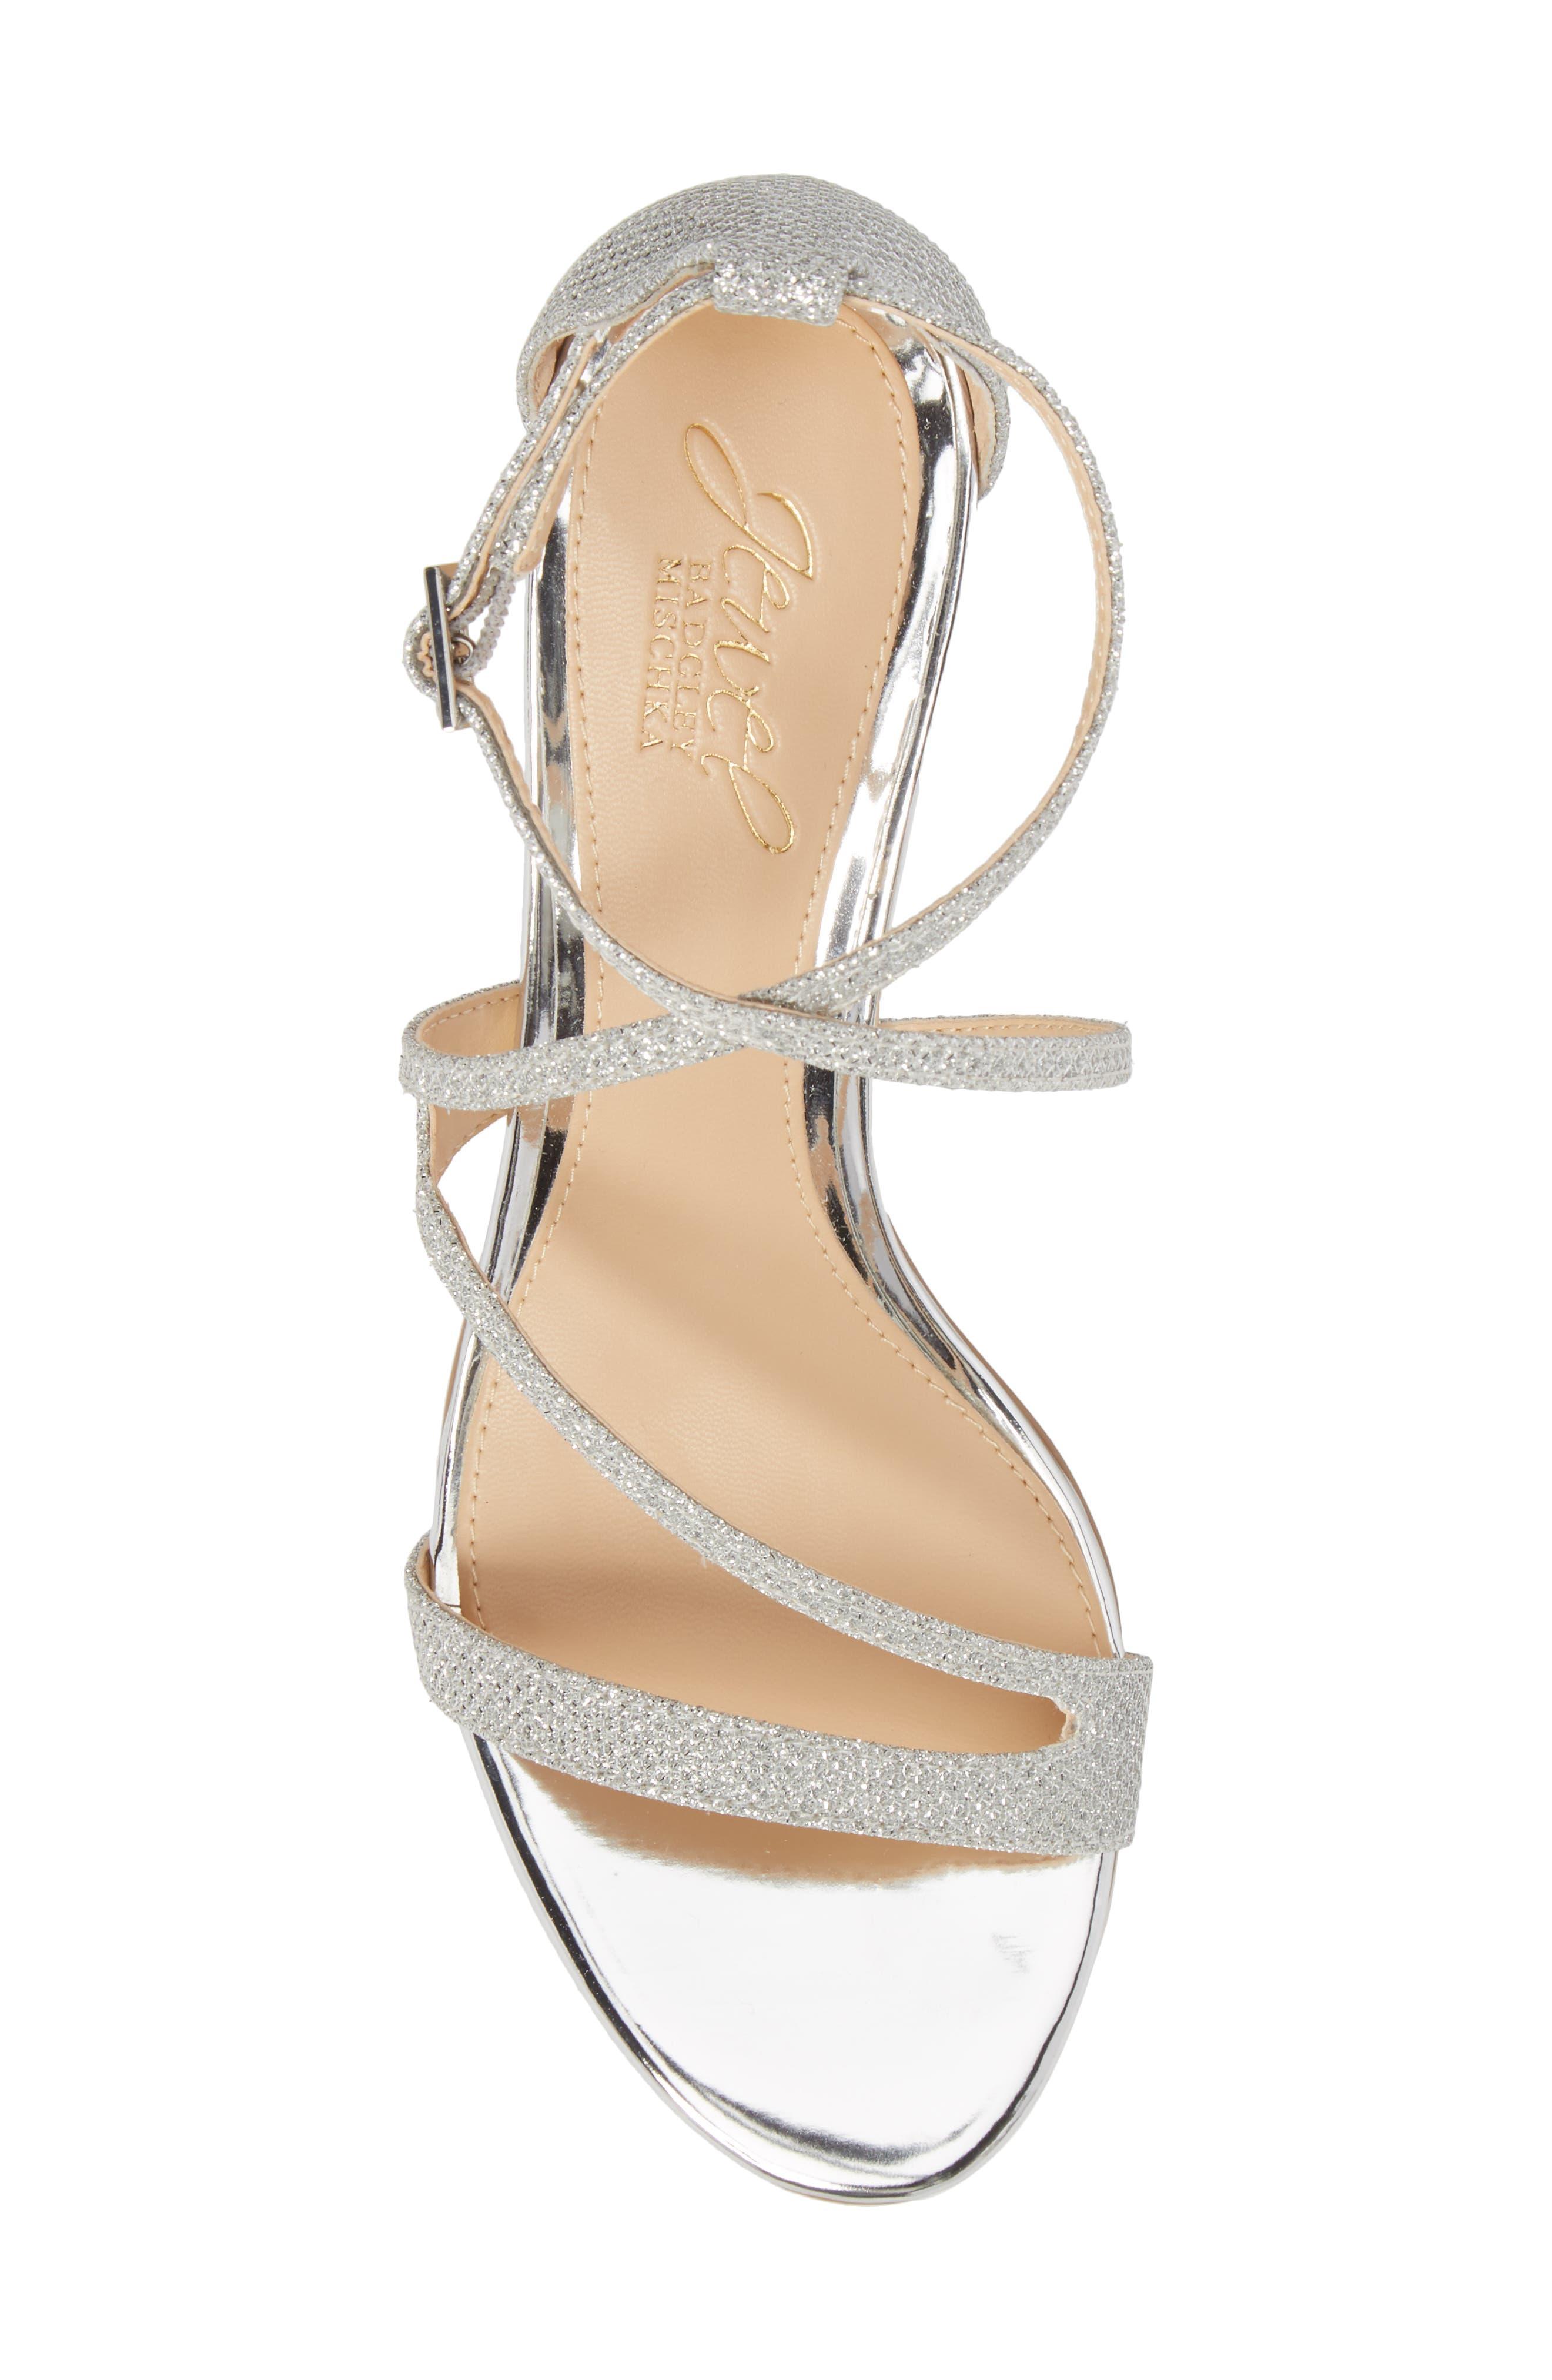 Gal Glitter Kitten Heel Sandal,                             Alternate thumbnail 5, color,                             Silver Glitter Fabric